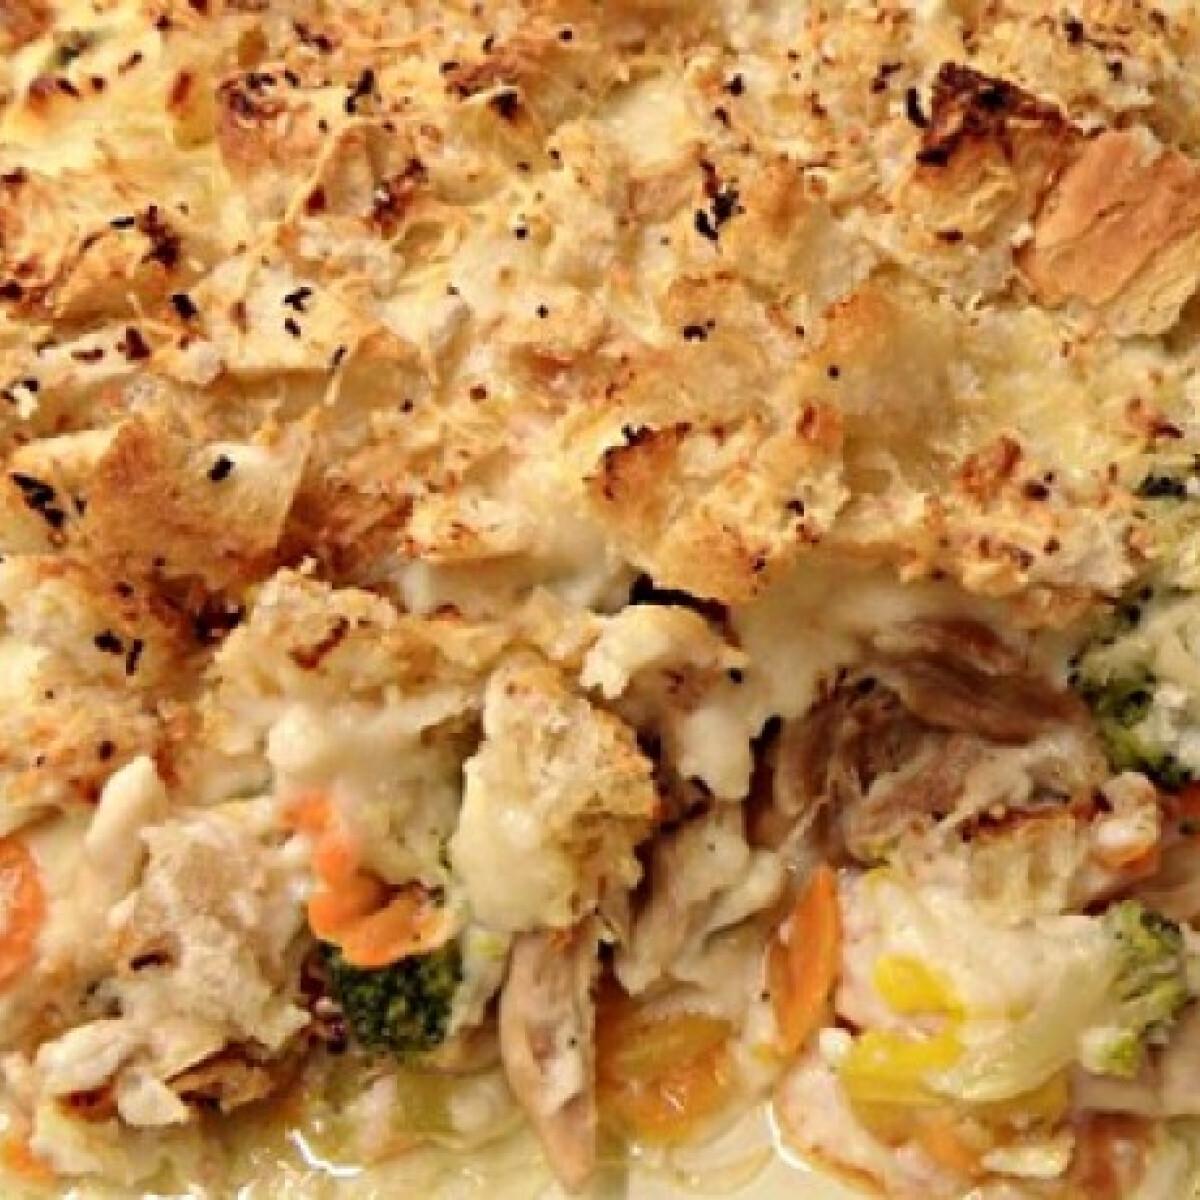 Ezen a képen: Főtt csirkehús zöldségekkel csőben sütve